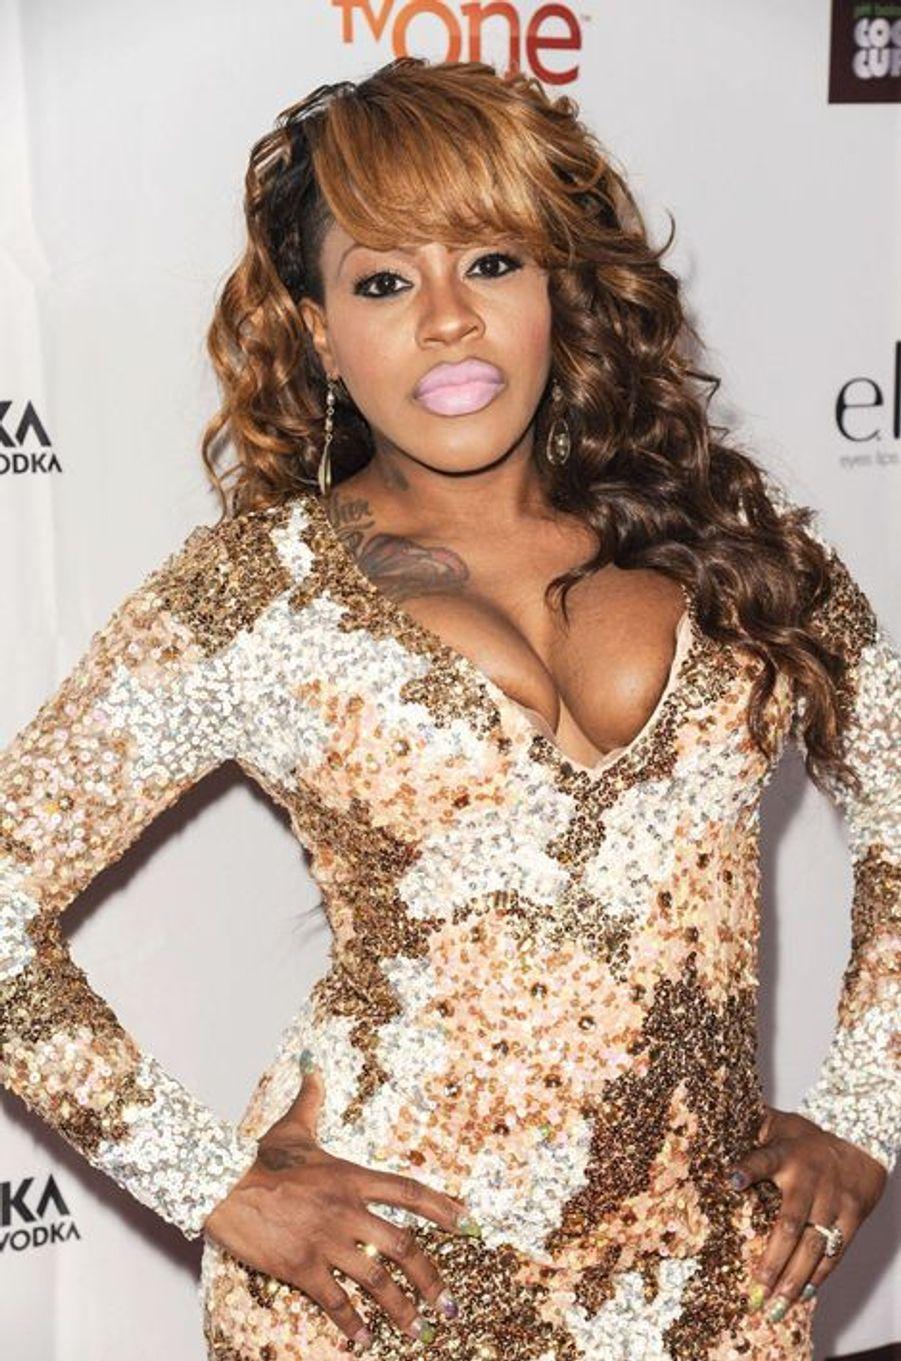 La rappeuse américaine et consœur de Missy Elliott est mère de deux filles : Heaven Love'on Stone (née en 2002) et God'Iss Love Stone (née en 2005).